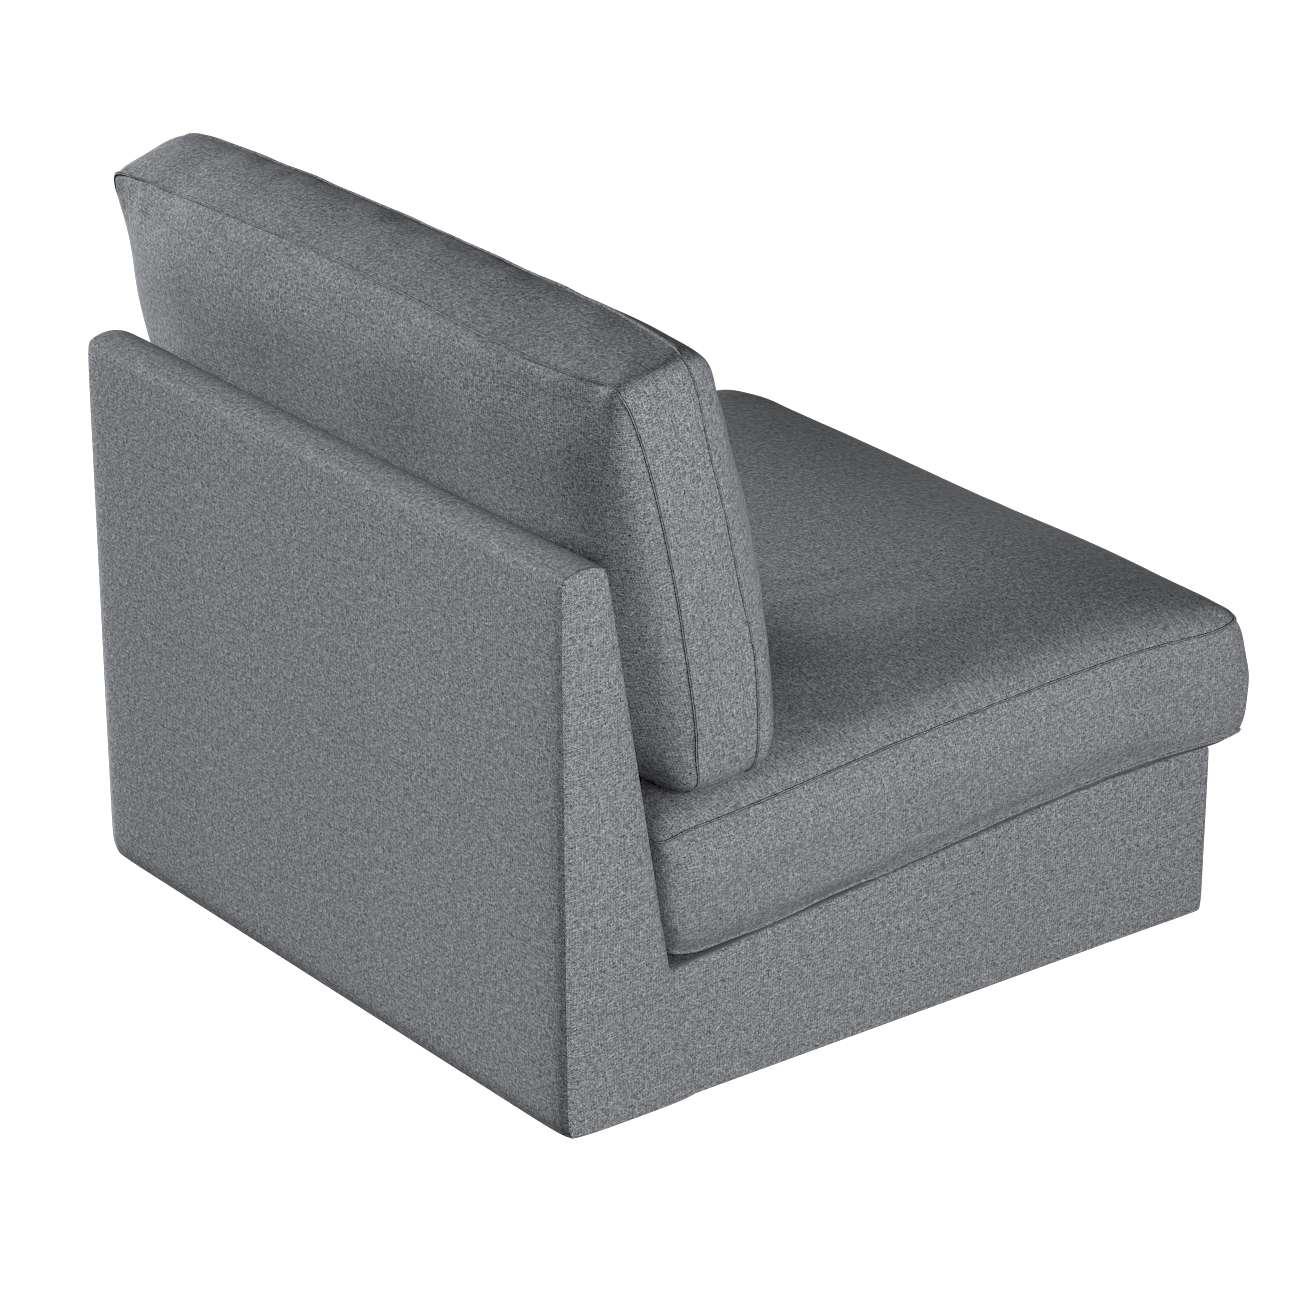 Pokrowiec na fotel Kivik w kolekcji Amsterdam, tkanina: 704-47